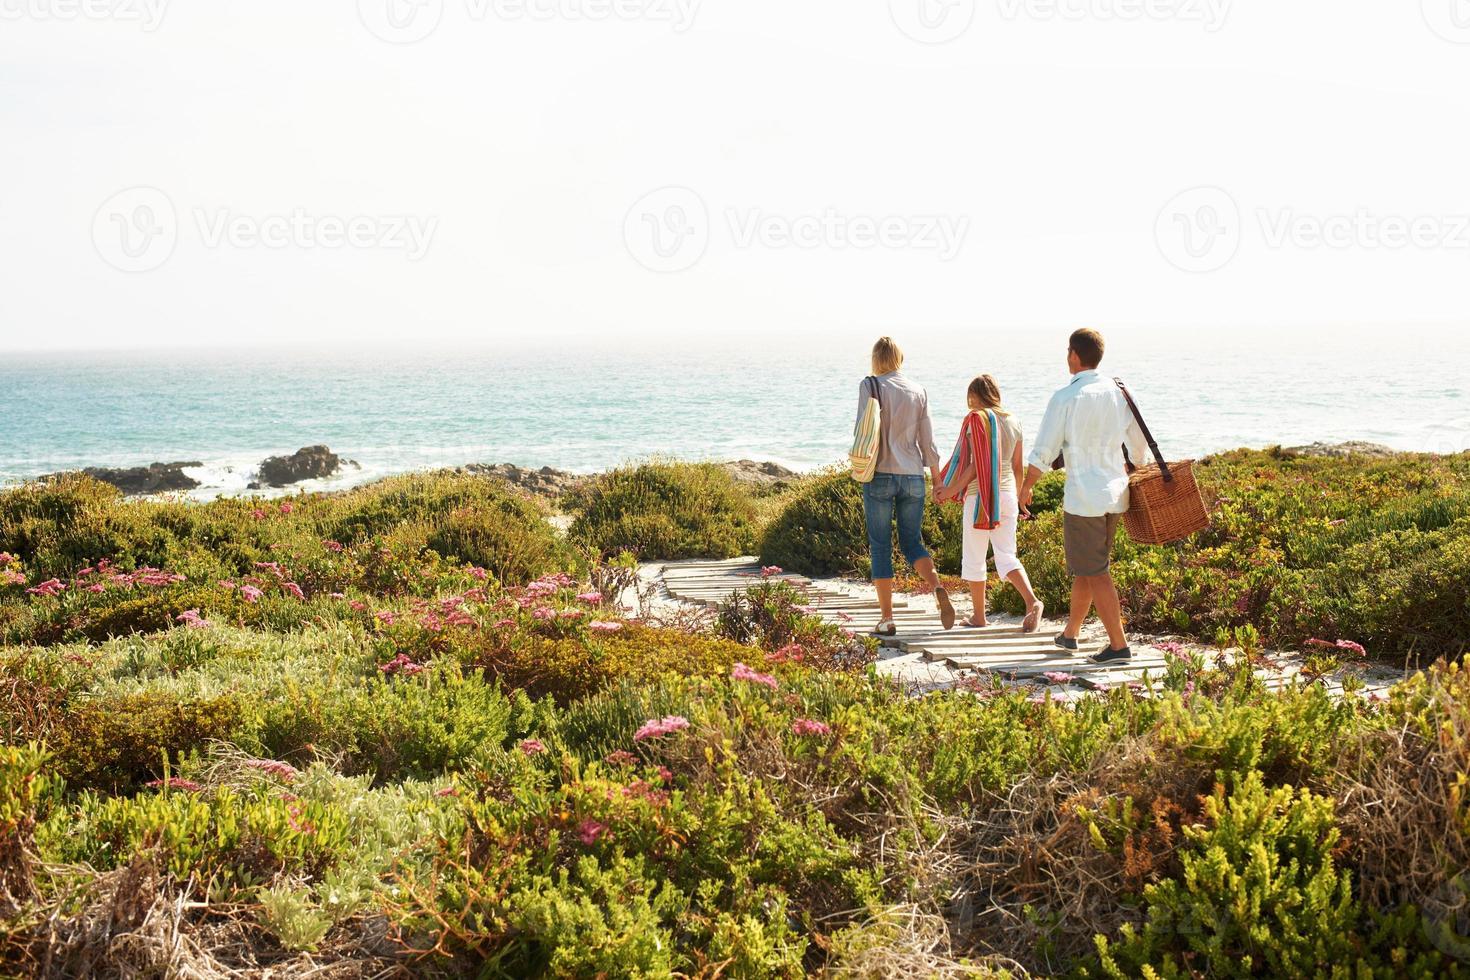 een wandeling maken naar het strand foto